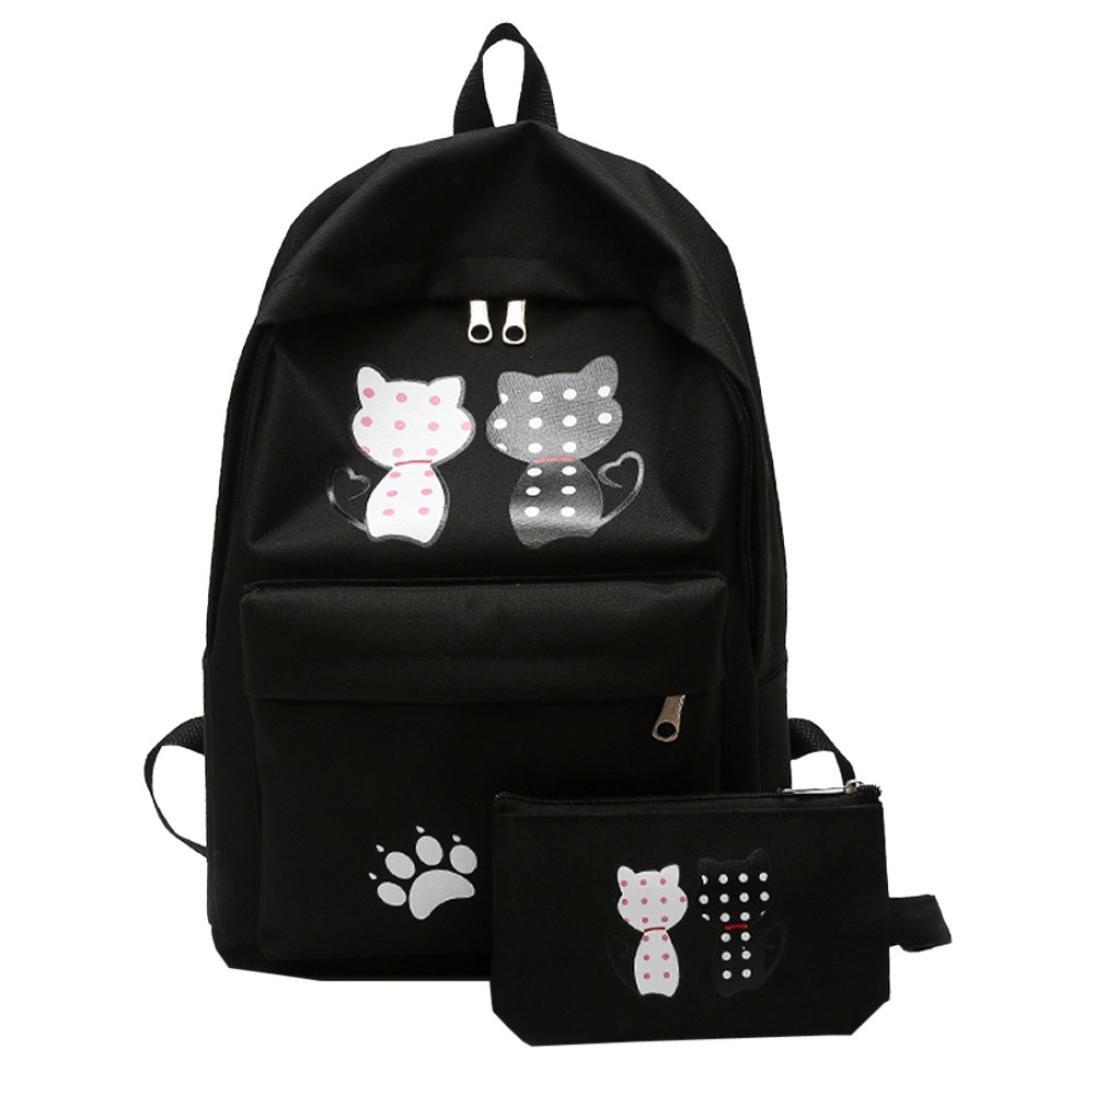 Mysky 2PC Fashion Girl Student Nylon School Bag Backpack Travel Shoulder Bag Clutch Wallet (Black)